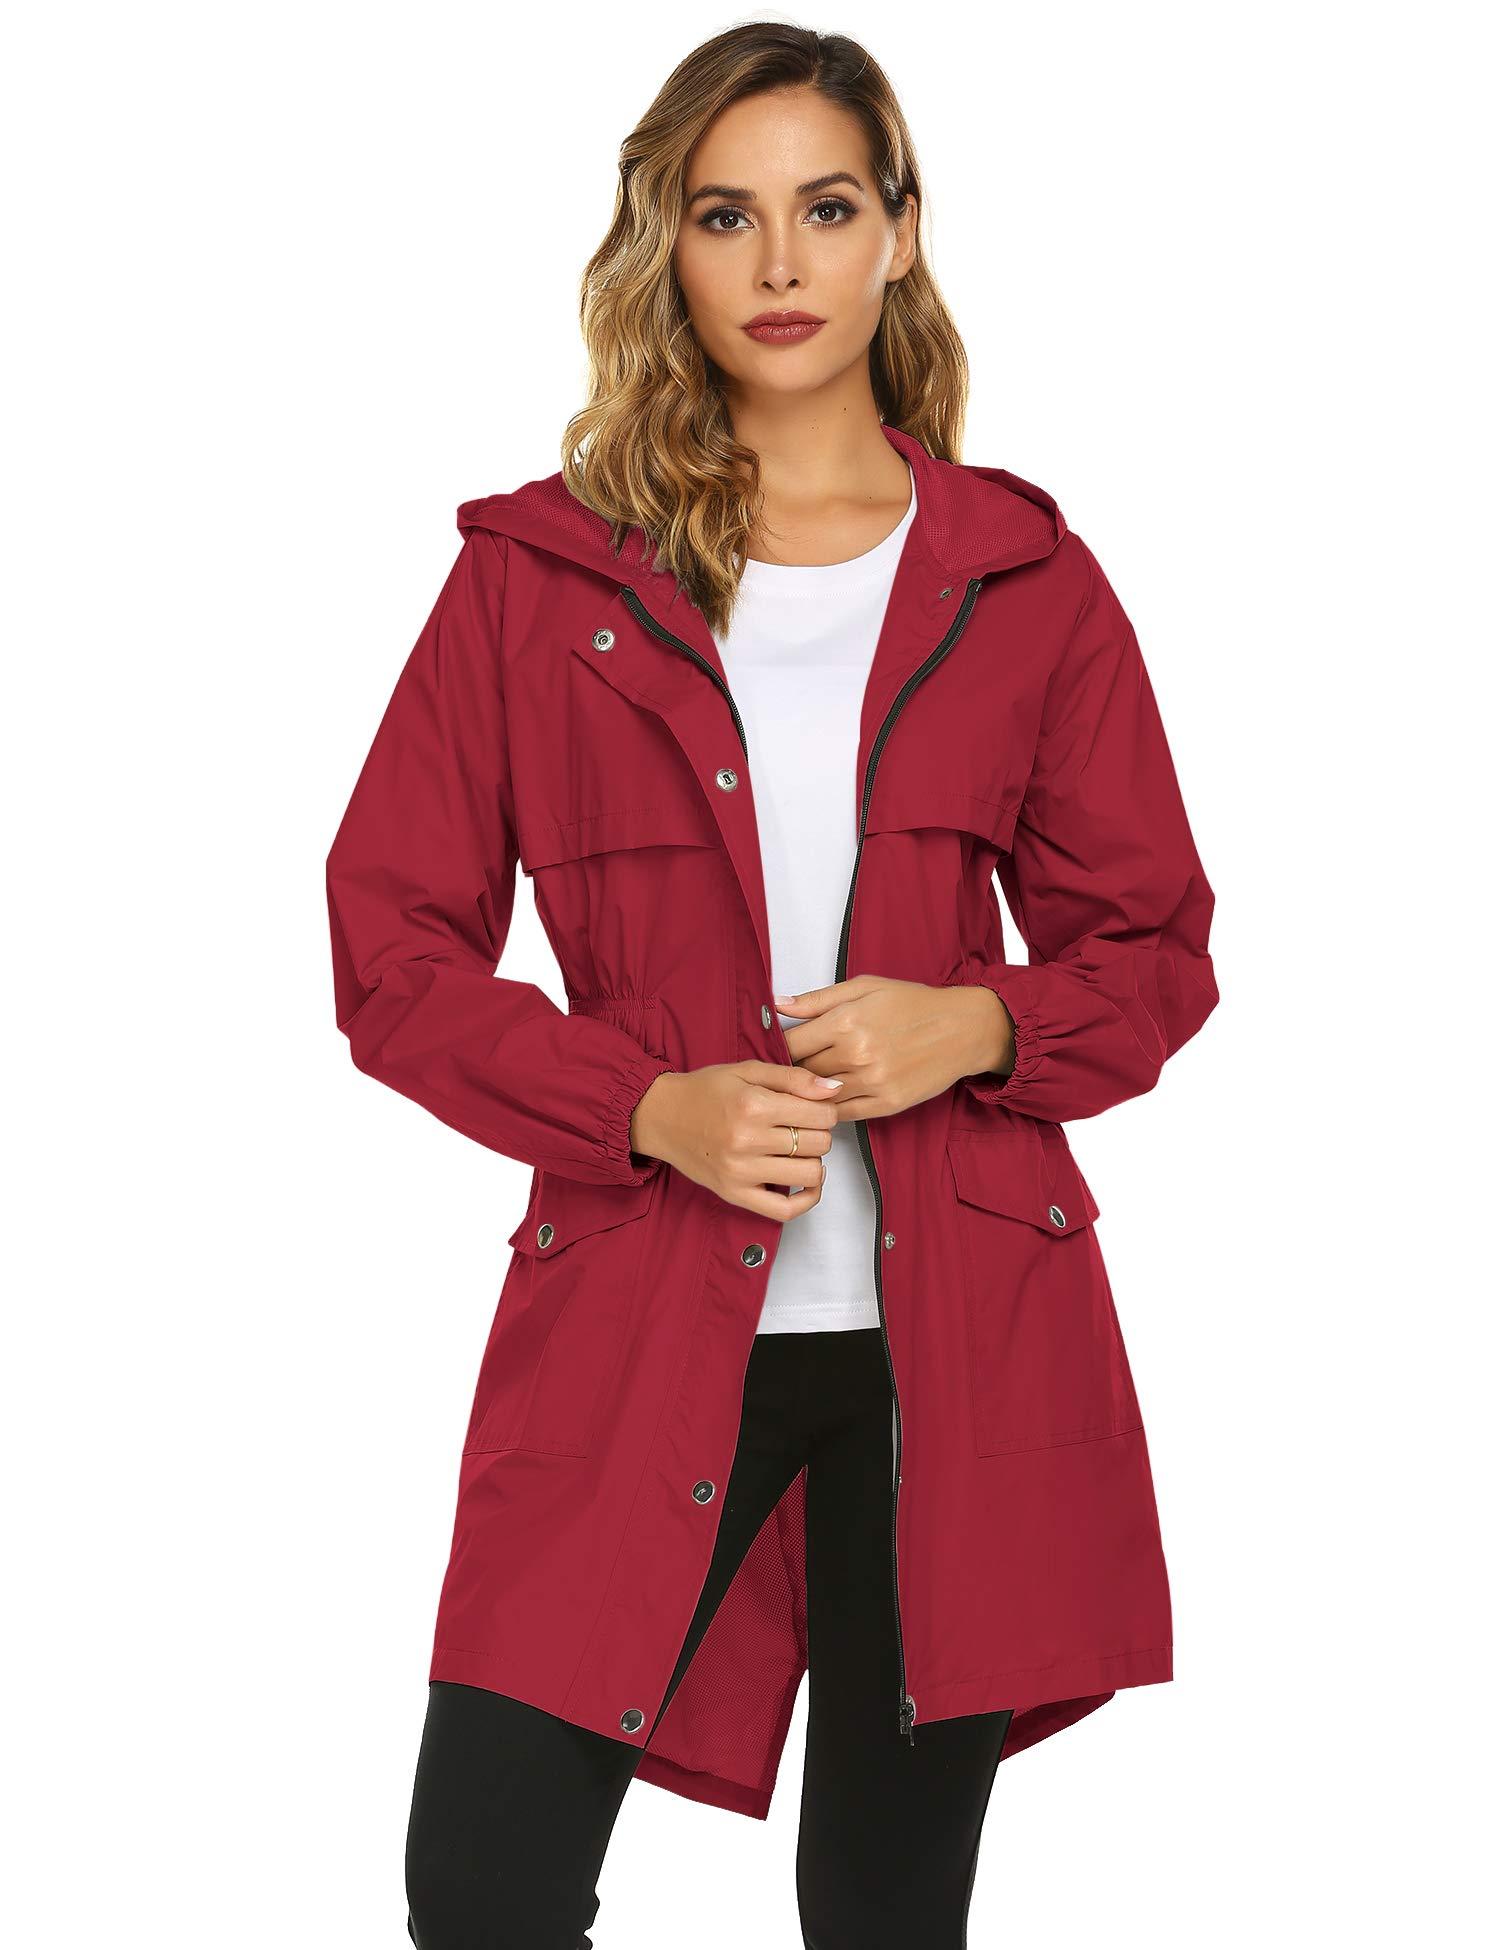 Avoogue Lightweight Rain Jacket Women Waterproof